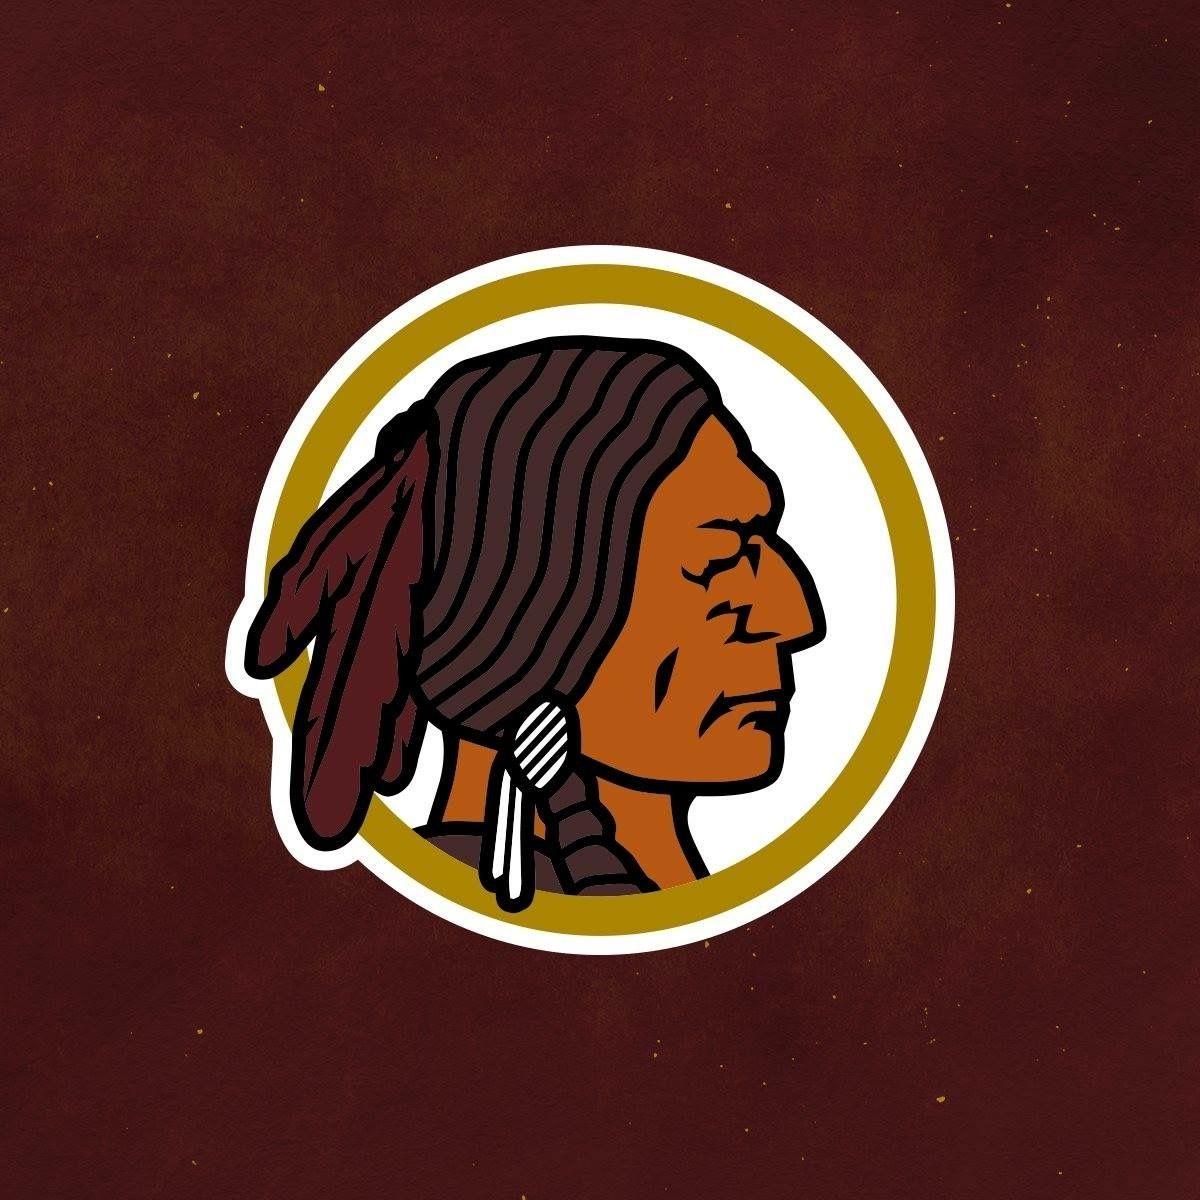 Pin em Washington Redskins 19332020